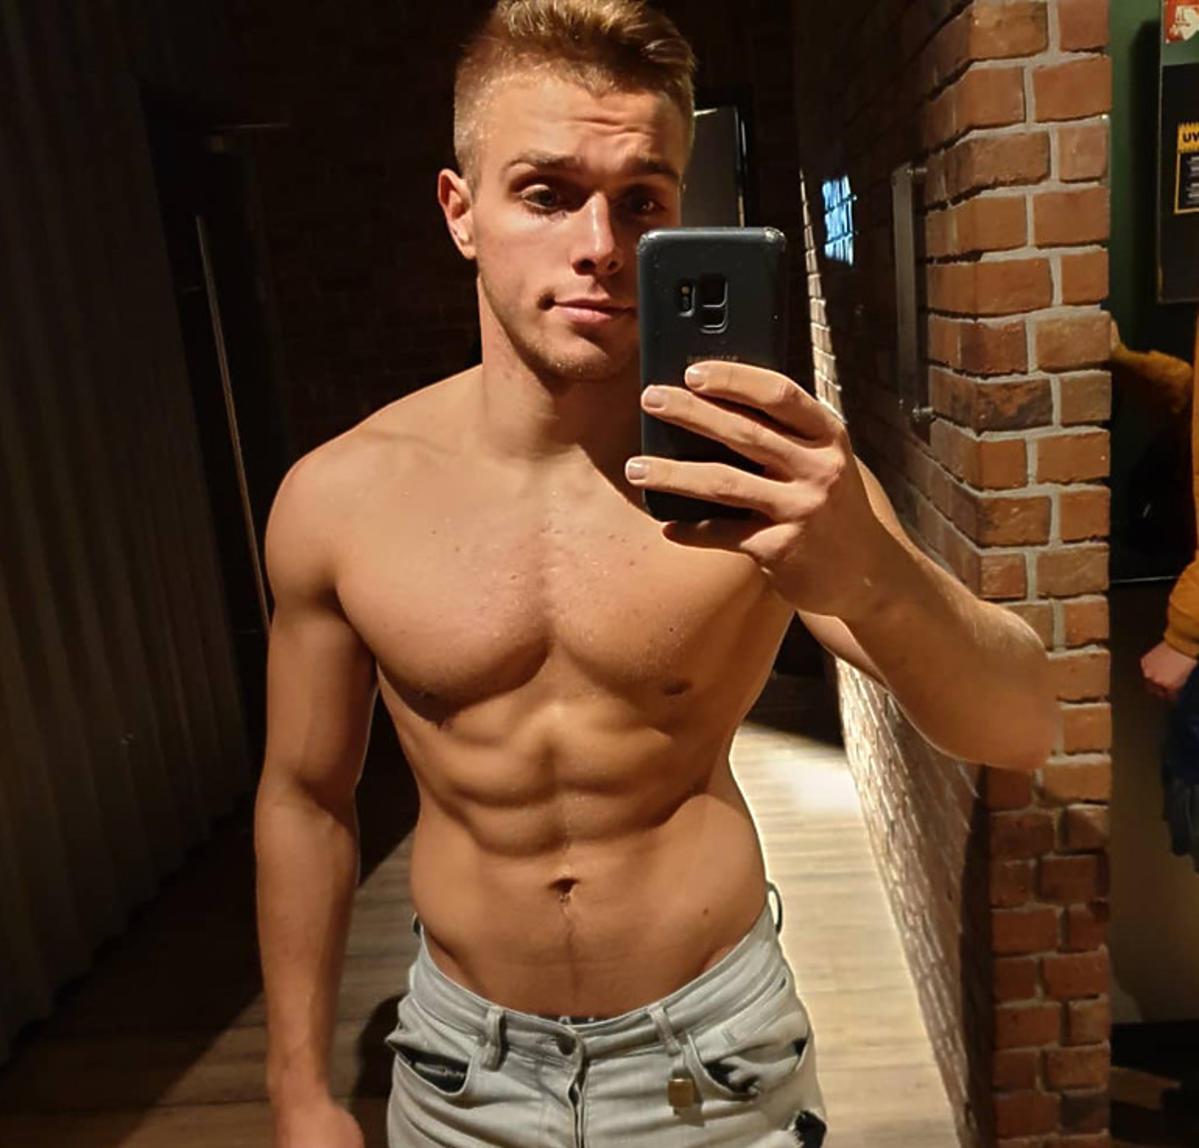 Gorące zdjęcia Blondino na Instagramie